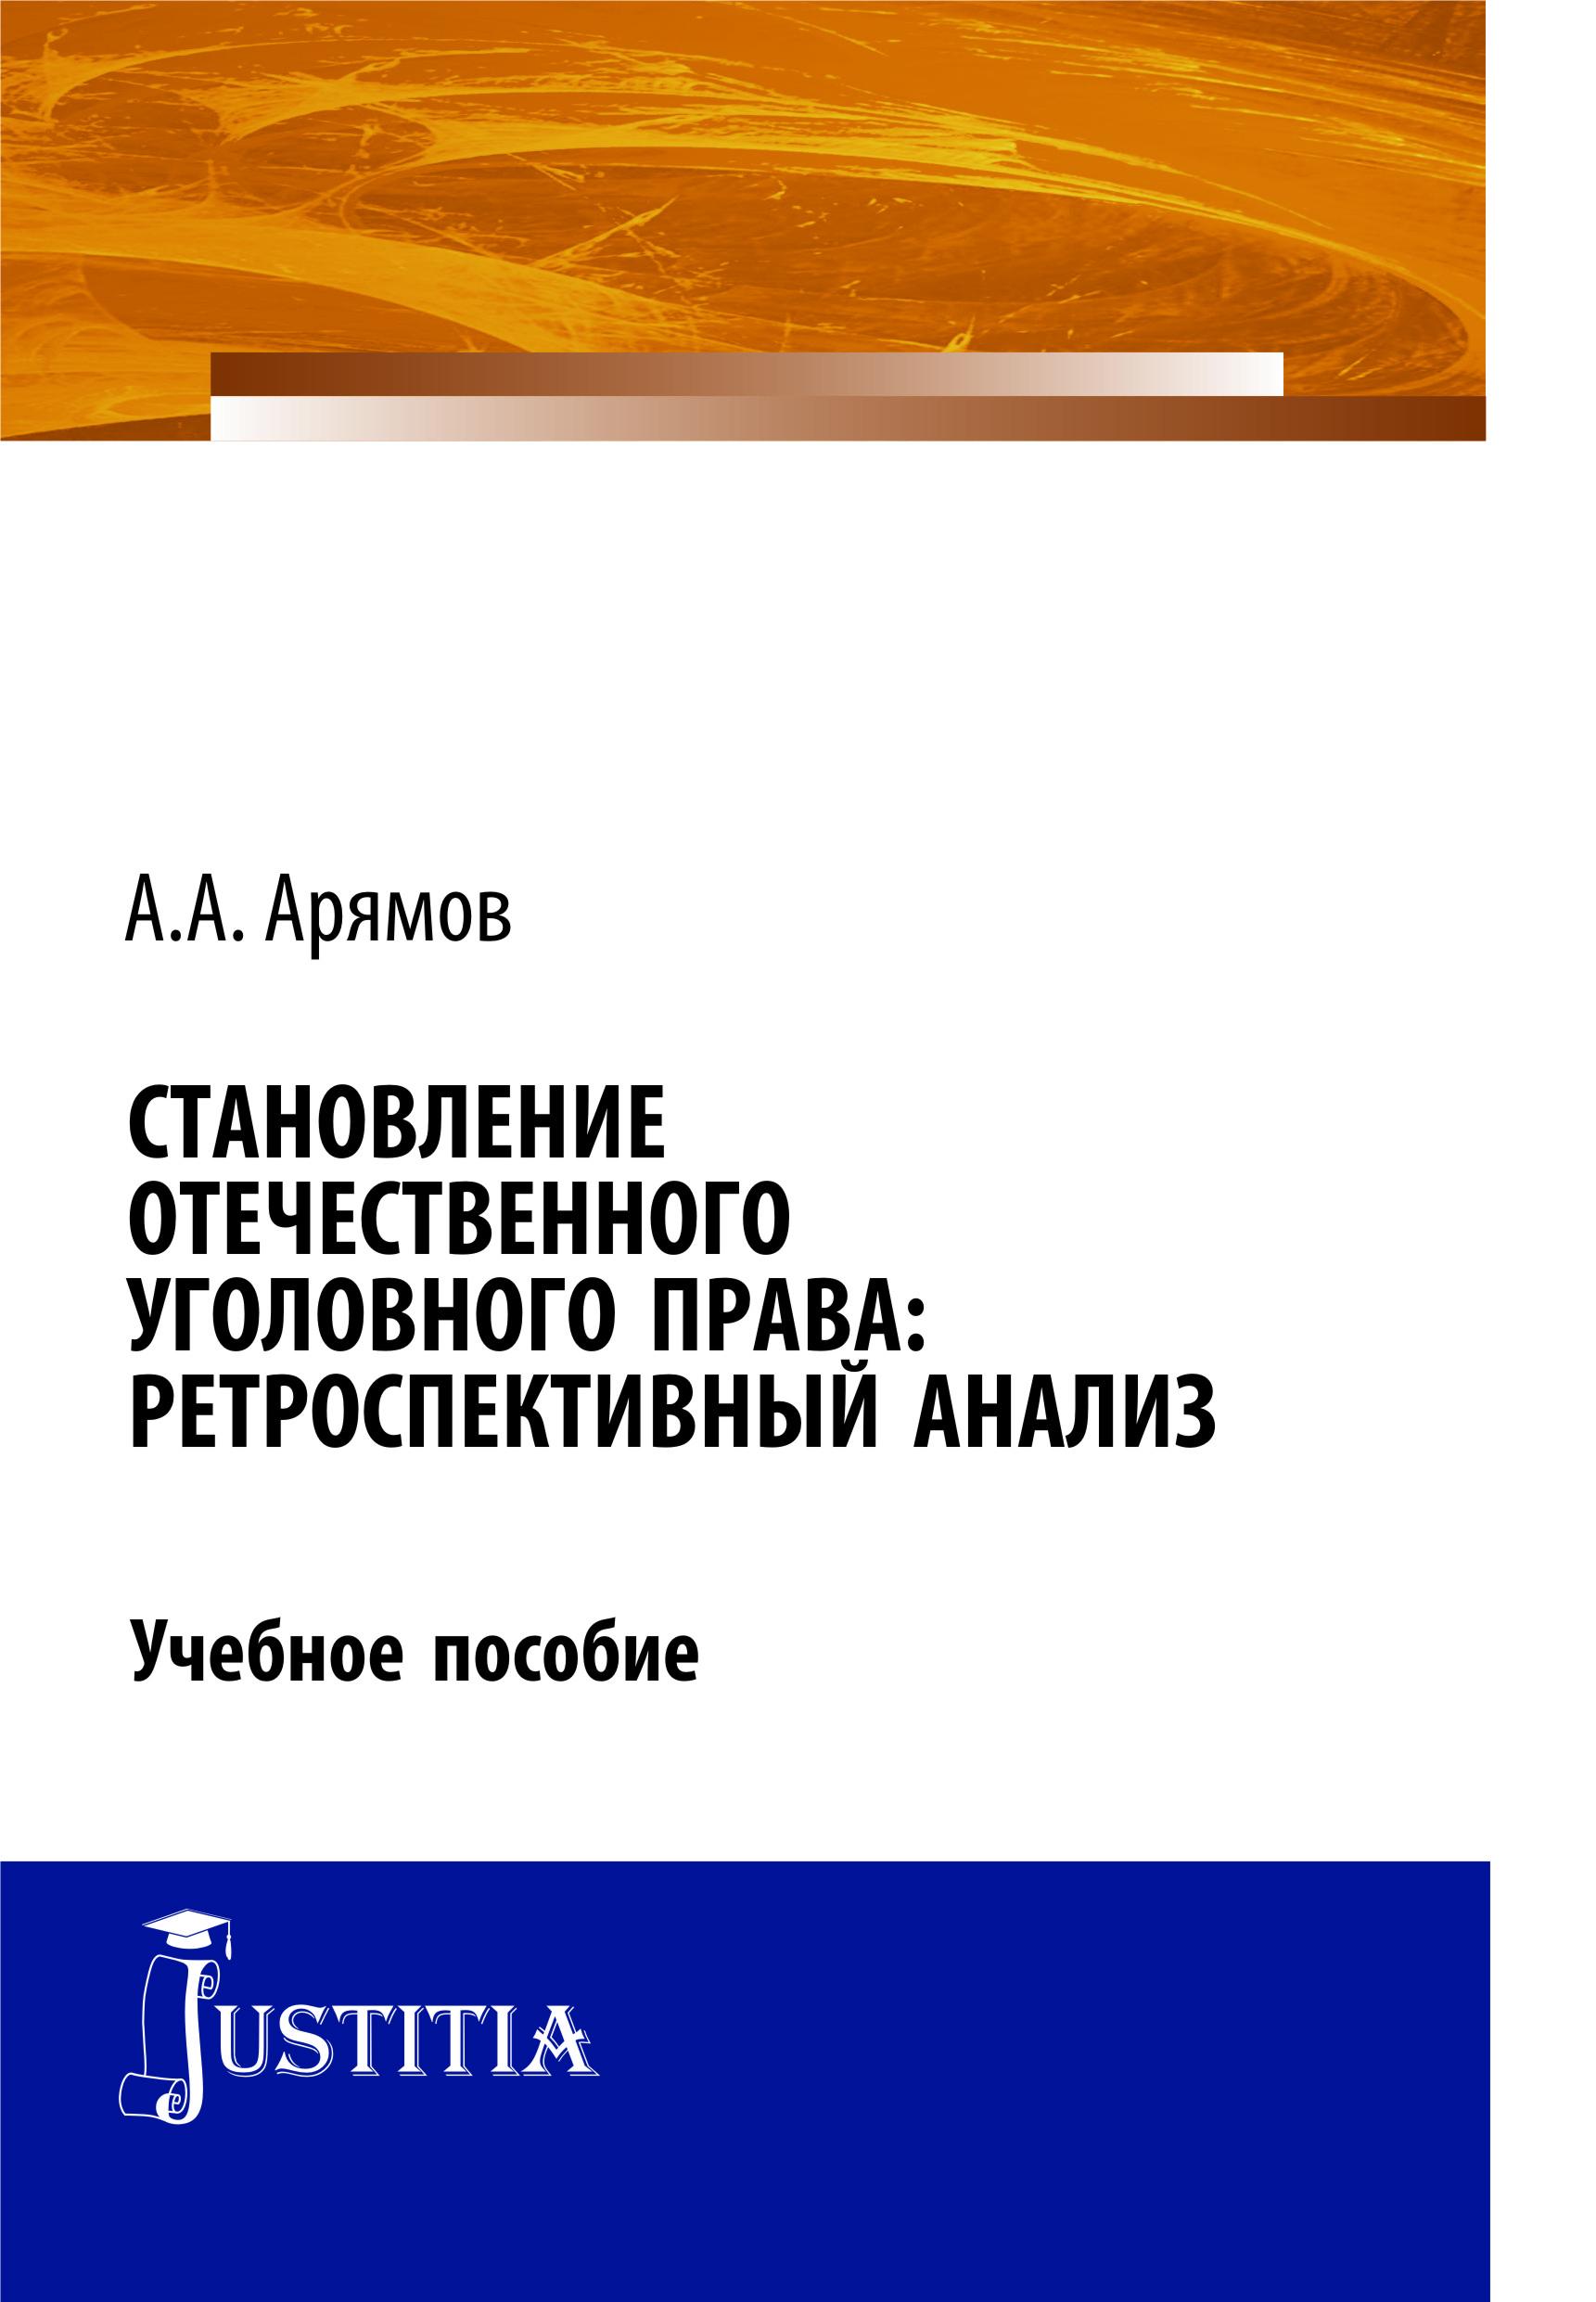 Становление отечественного уголовного права. Ретроспективный анализ. Монография